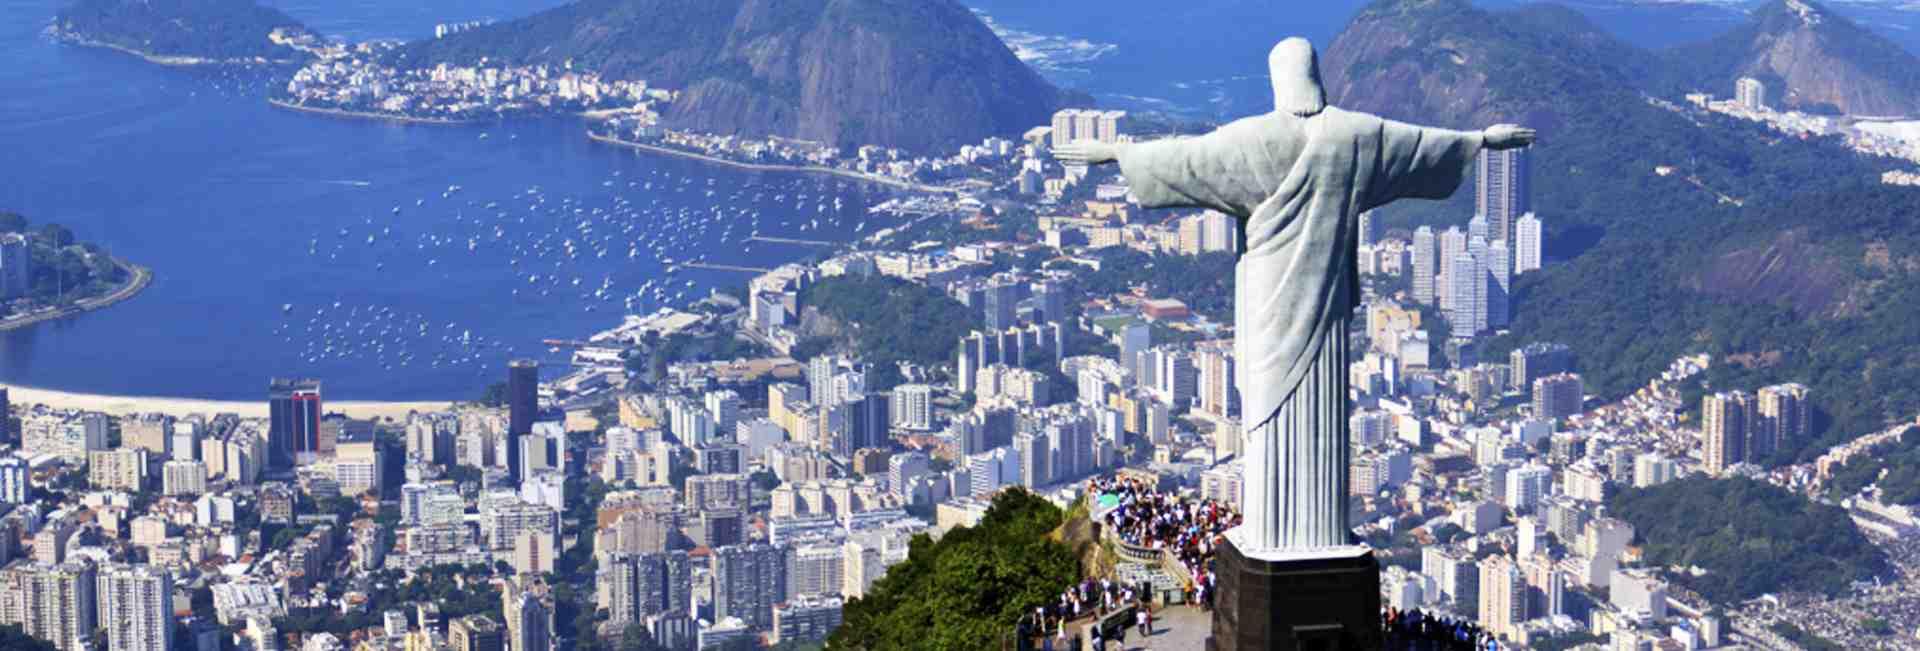 ריו דה ז'נרו - ברזיל